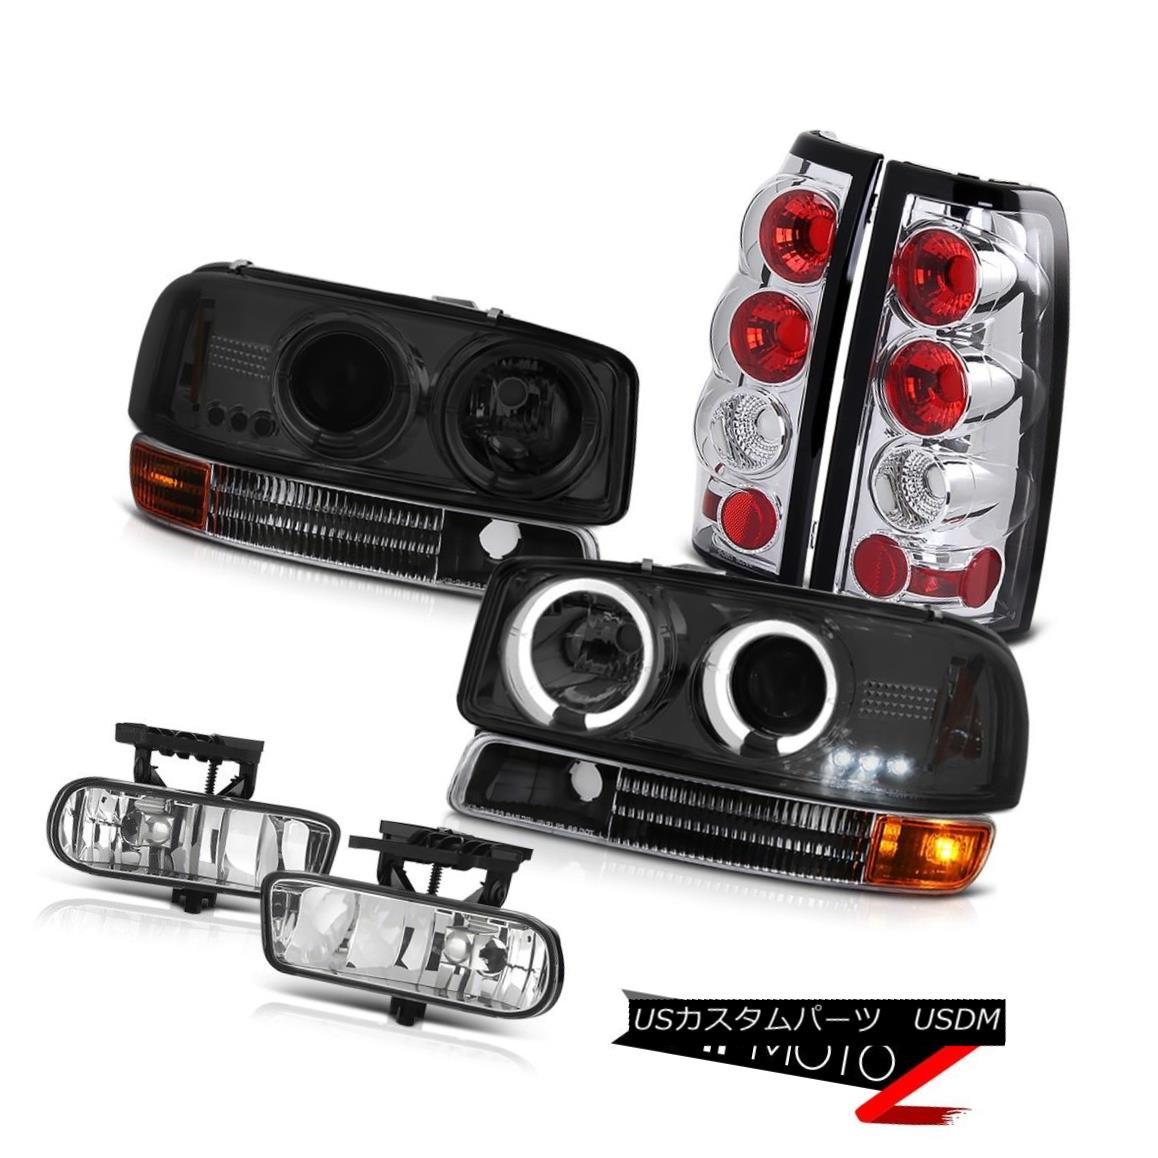 テールライト Smoke Halo Headlights Black Bumper Reverse Brake Lamps Fog 1999-2003 Sierra WT スモークハローヘッドライトブラックバンパー逆ブレーキランプ1999-2003 Sierra WT